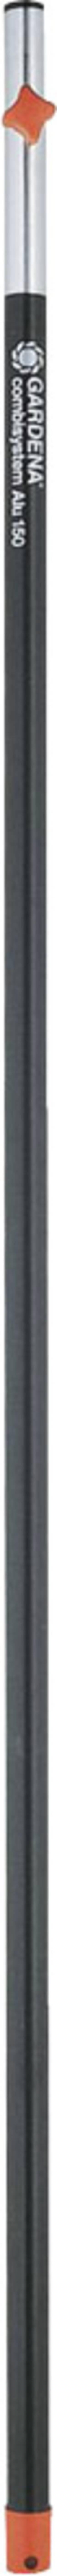 Image of Aluminiumstiel 130 cm Gardena Combisystem 03713-20